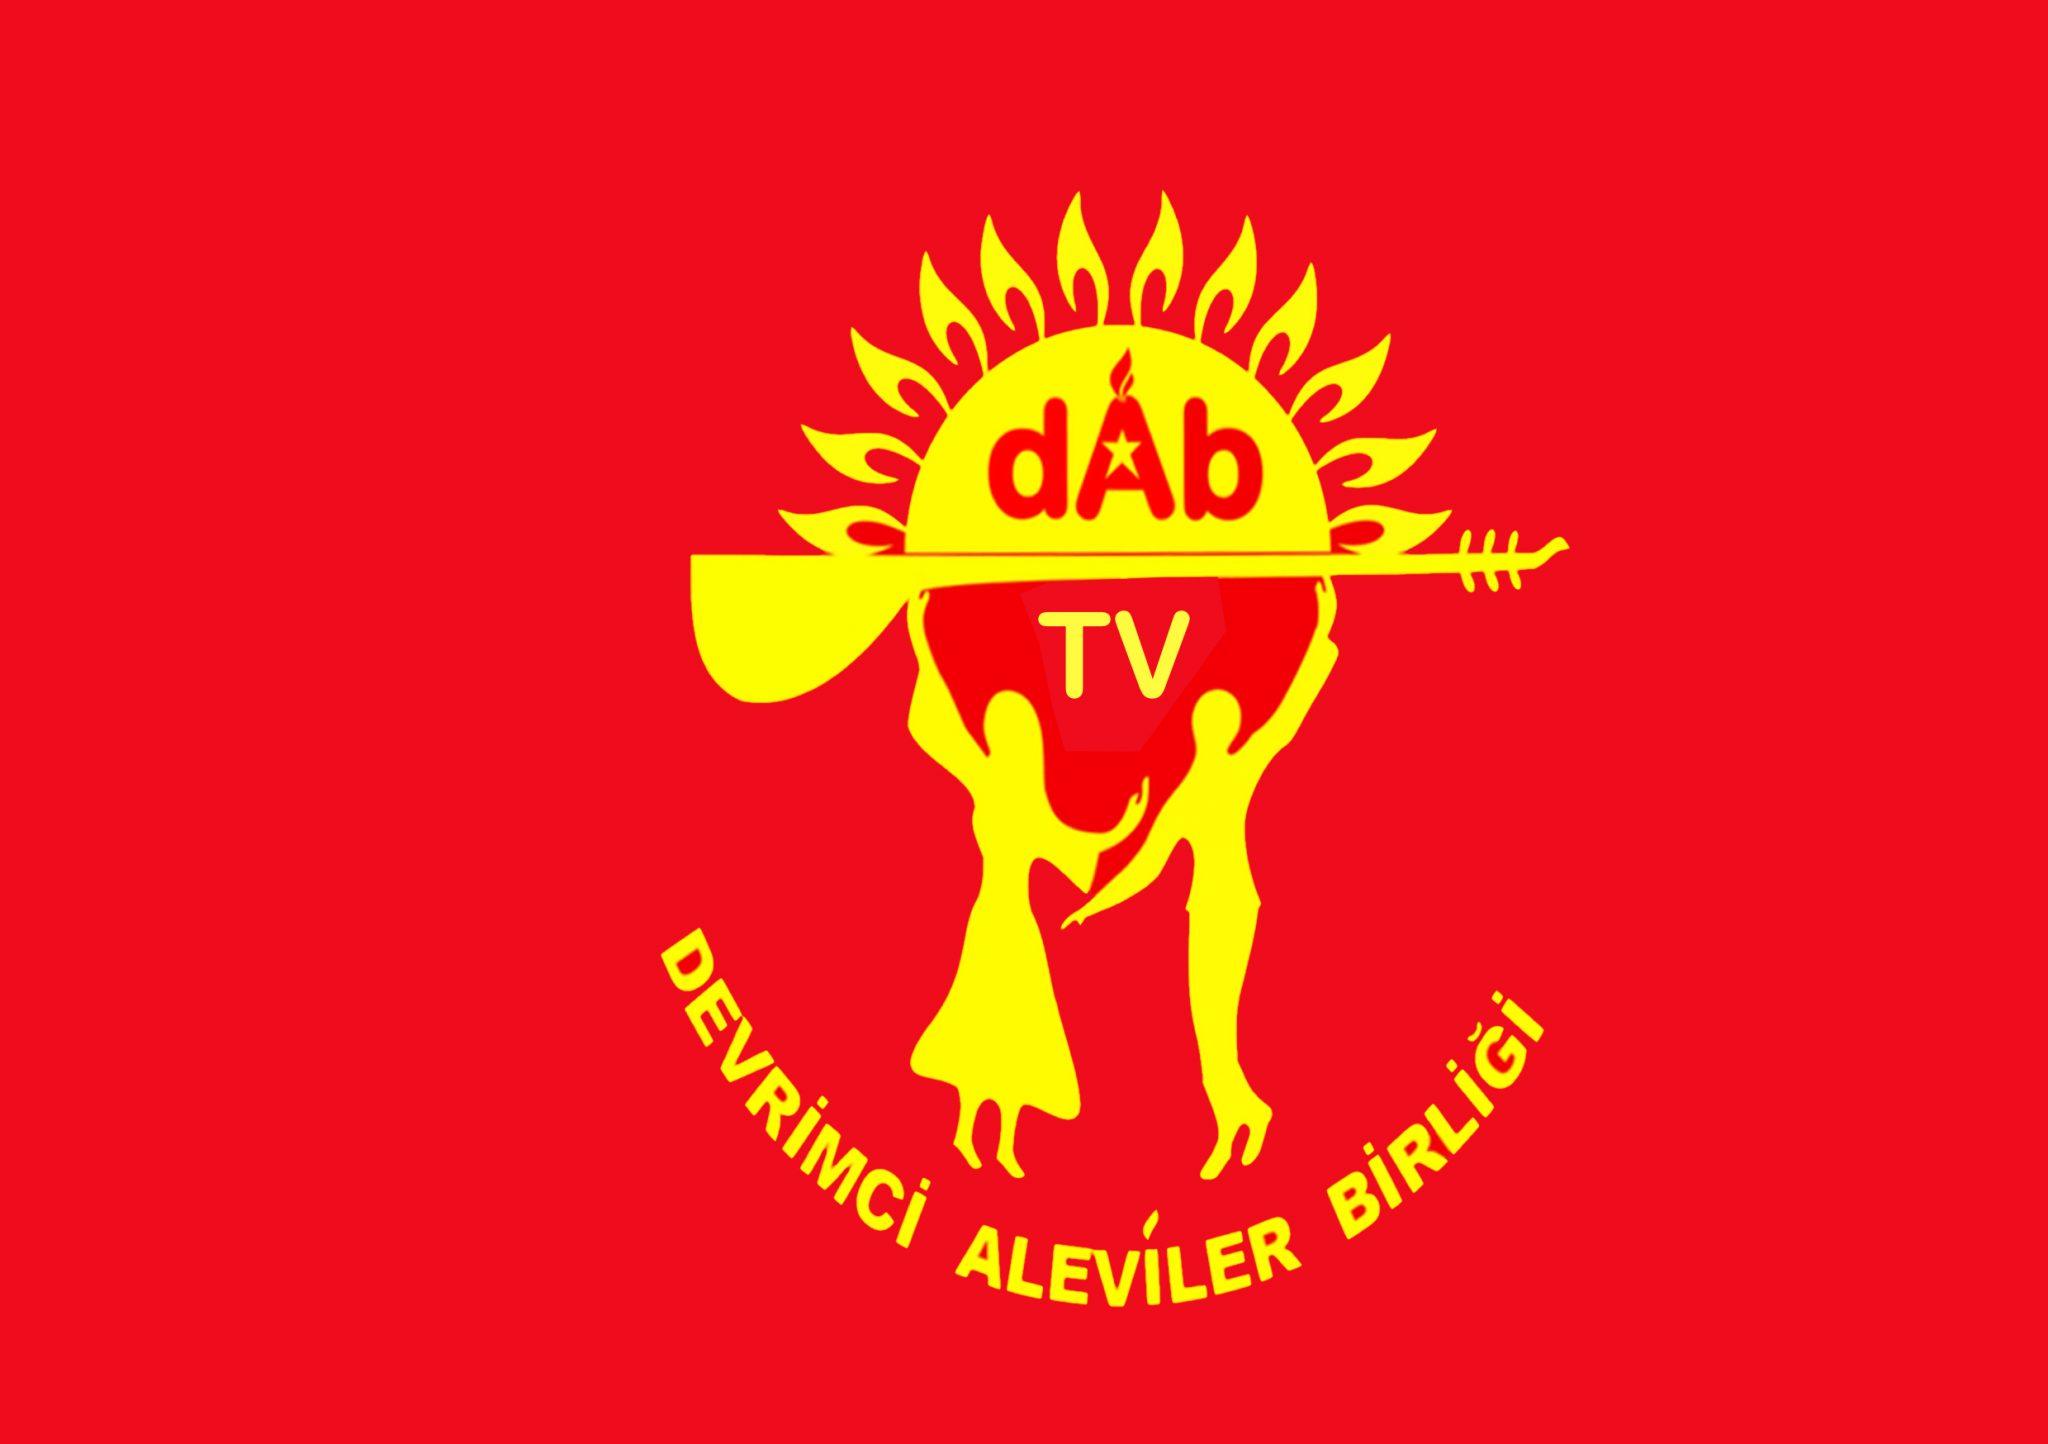 El-kartı-2-DAB-tv